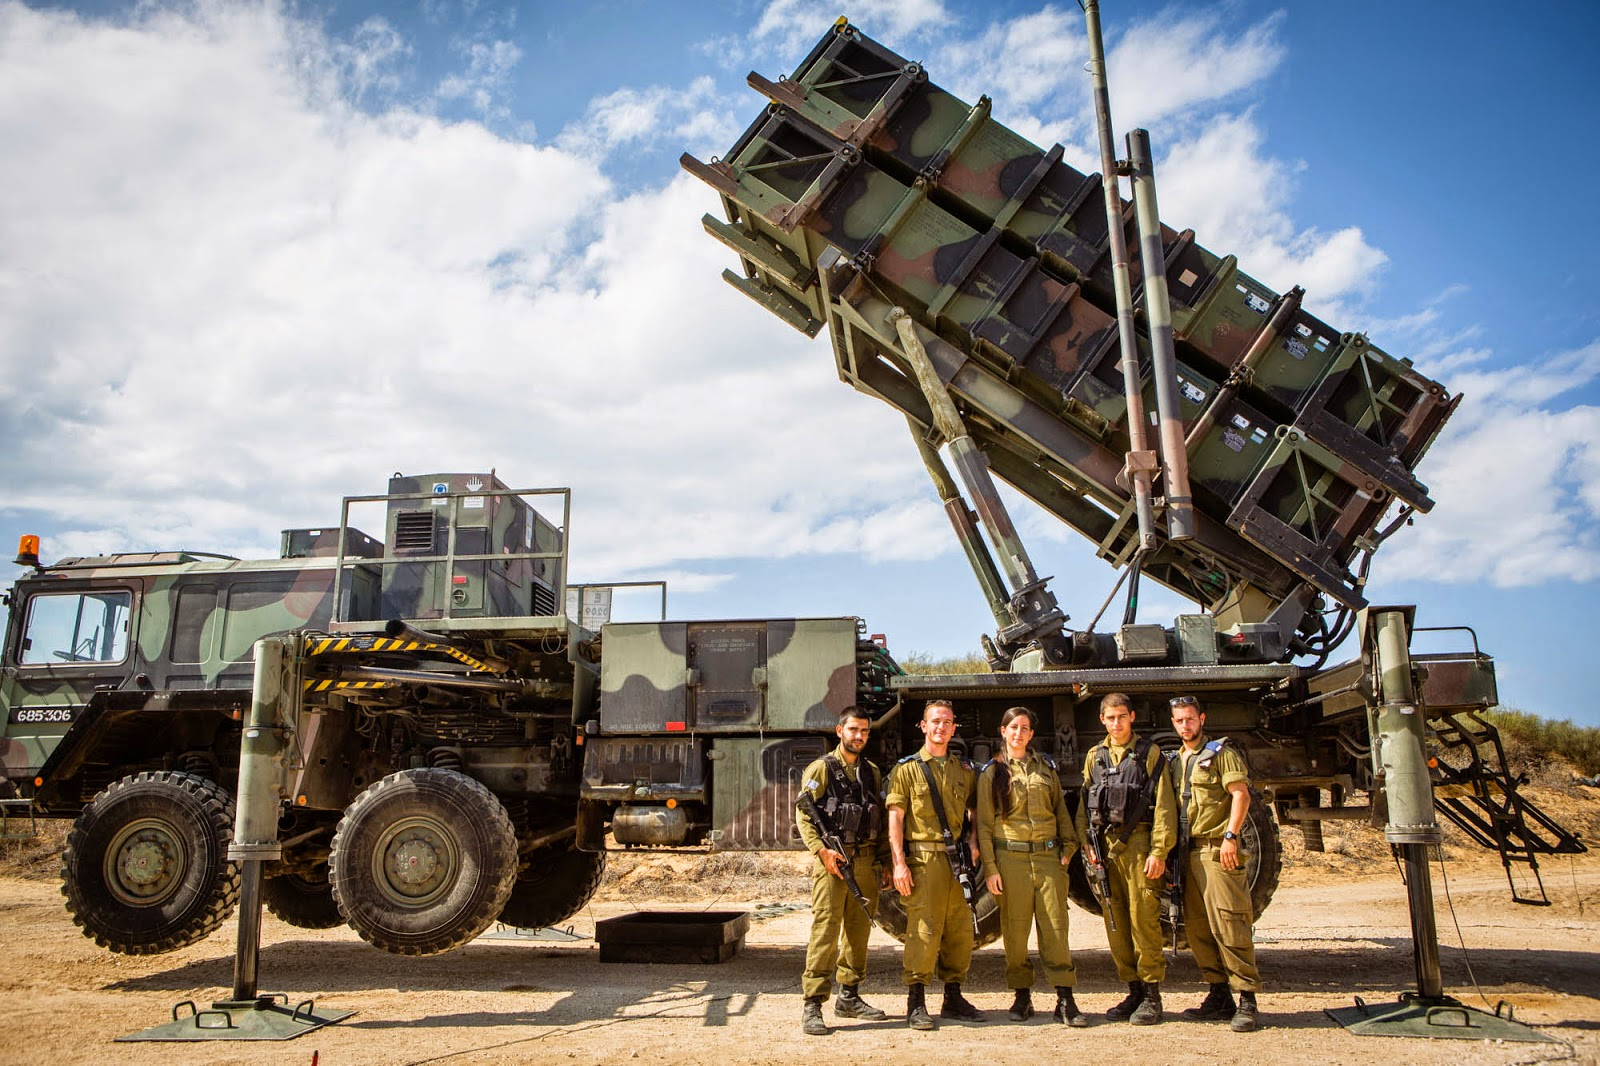 Izrael použil raketu Patriot za 3 miliony dolarů, aby nad Golanskými výšinami sestřelil dron